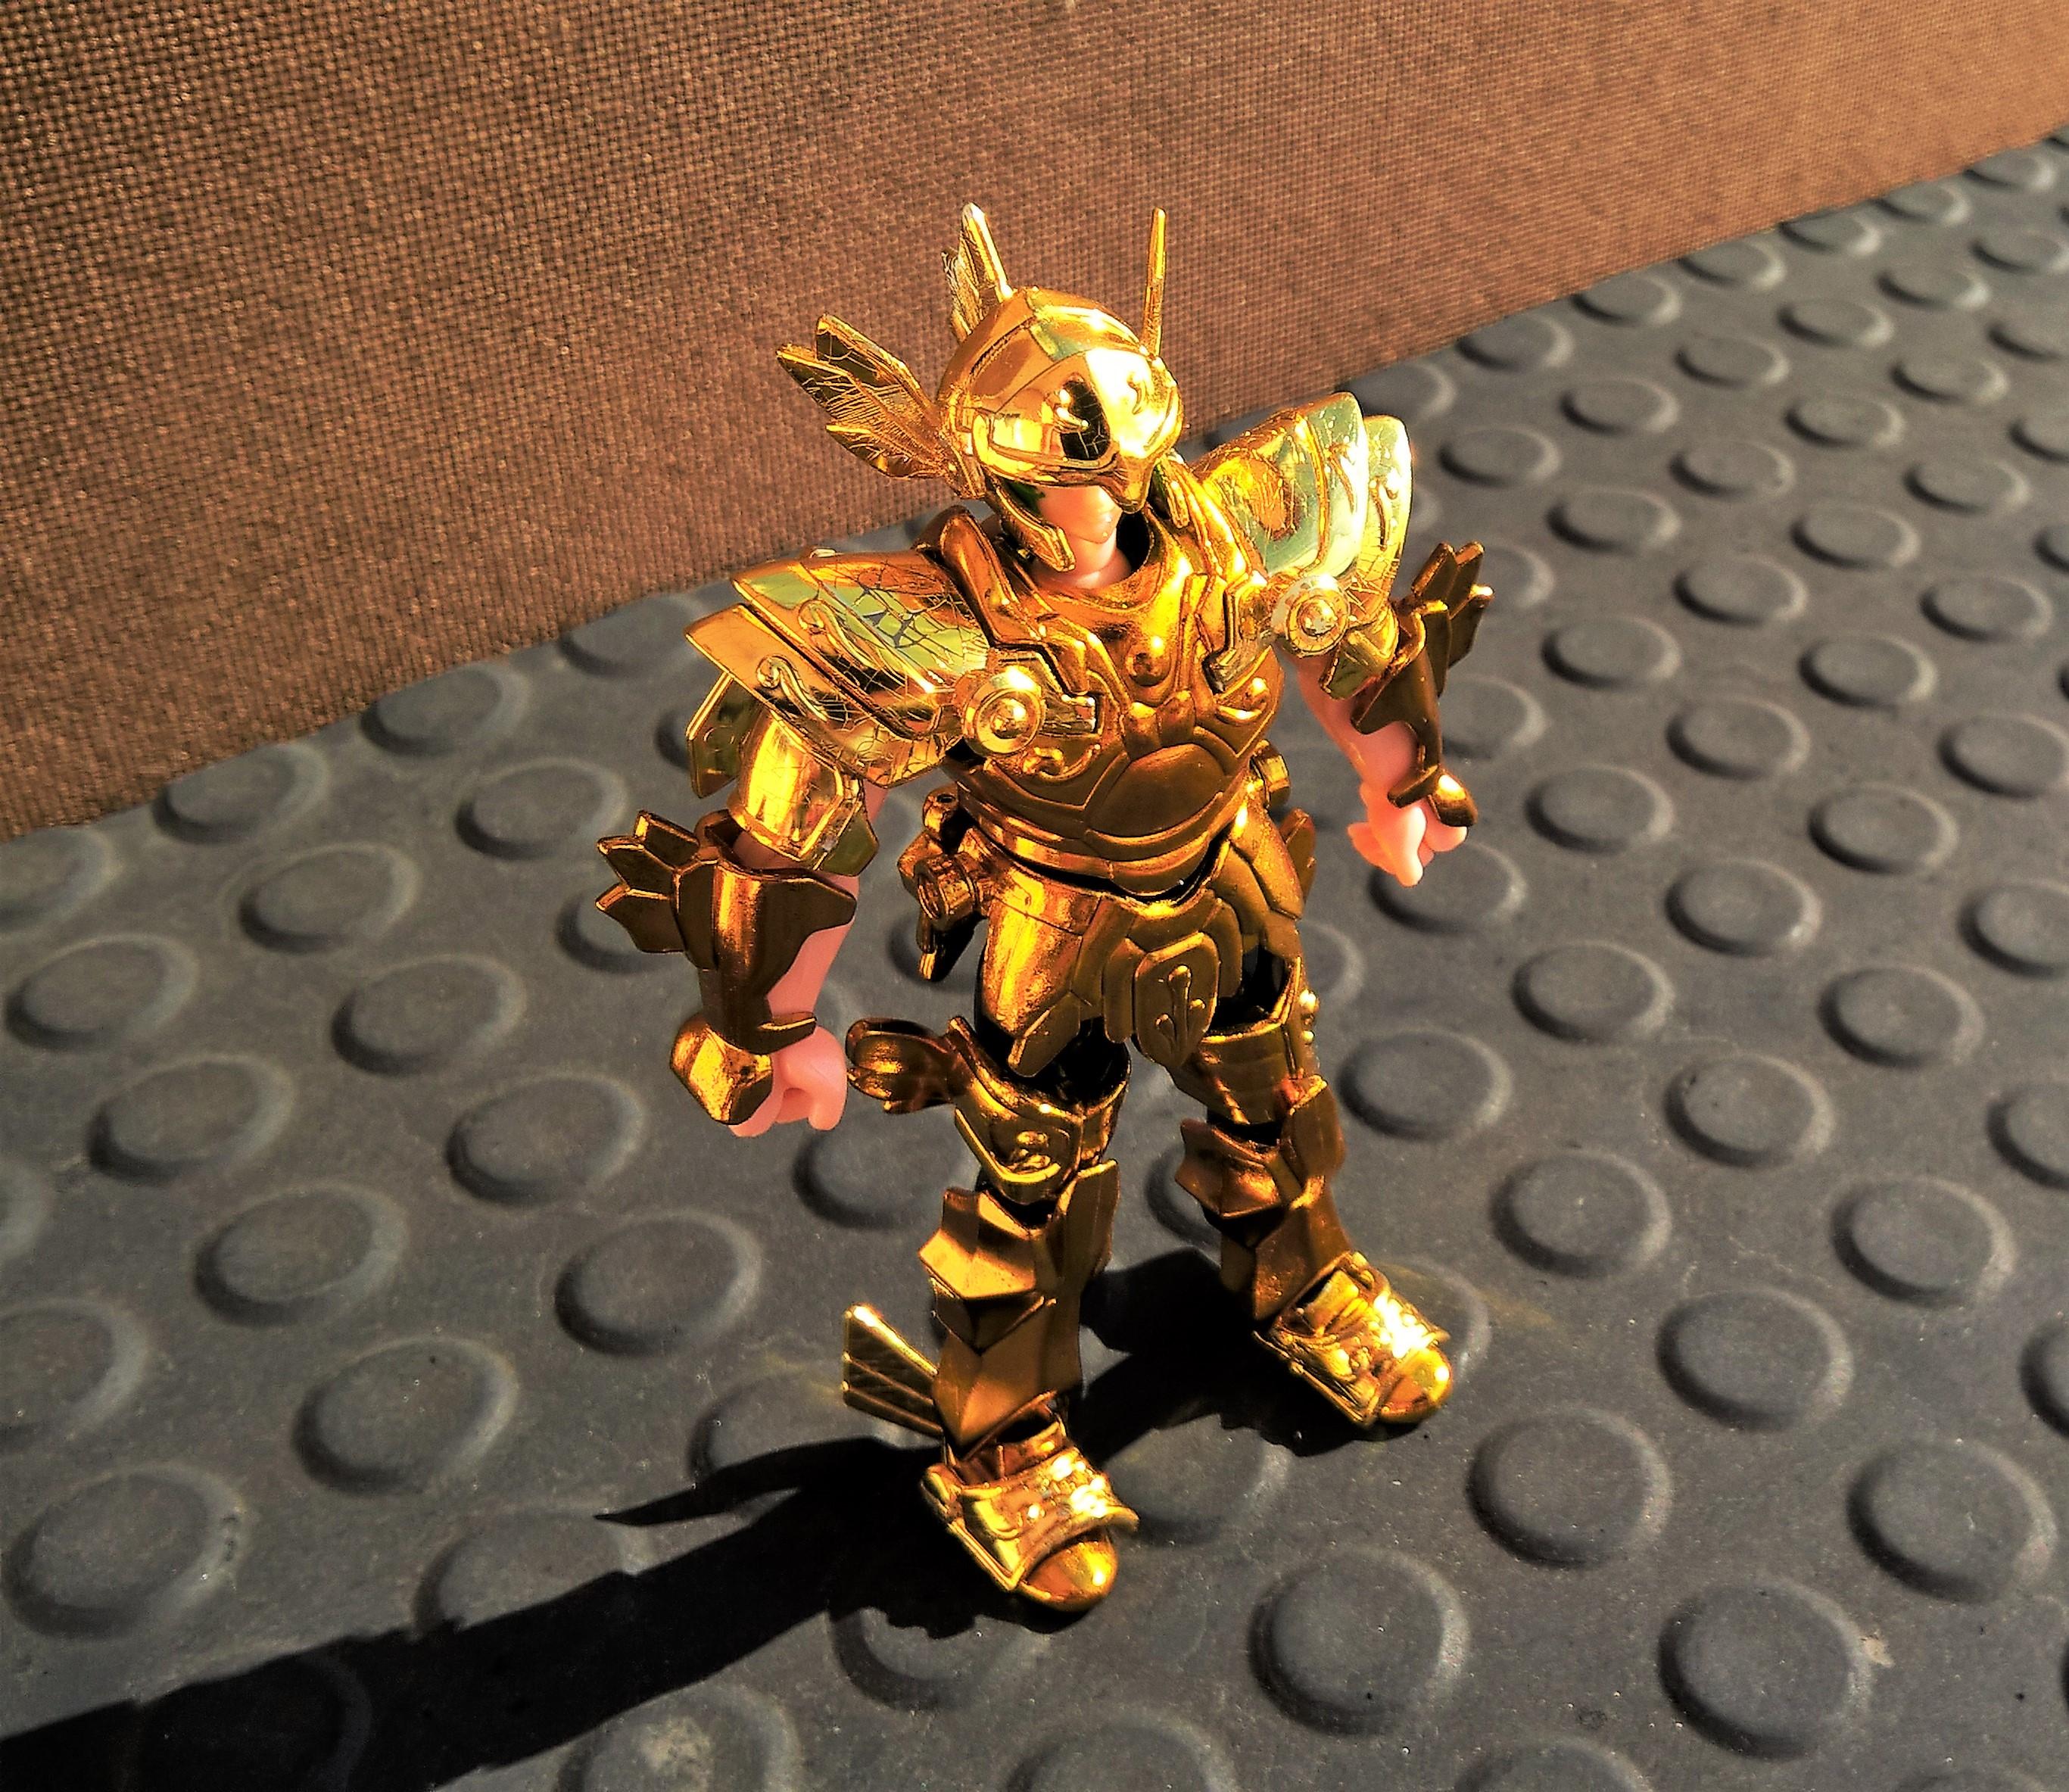 Cavaleiro de Ouro Afrodite de Peixes da coleção de 2003. Detalhe para os rachados na pintura das ombreiras